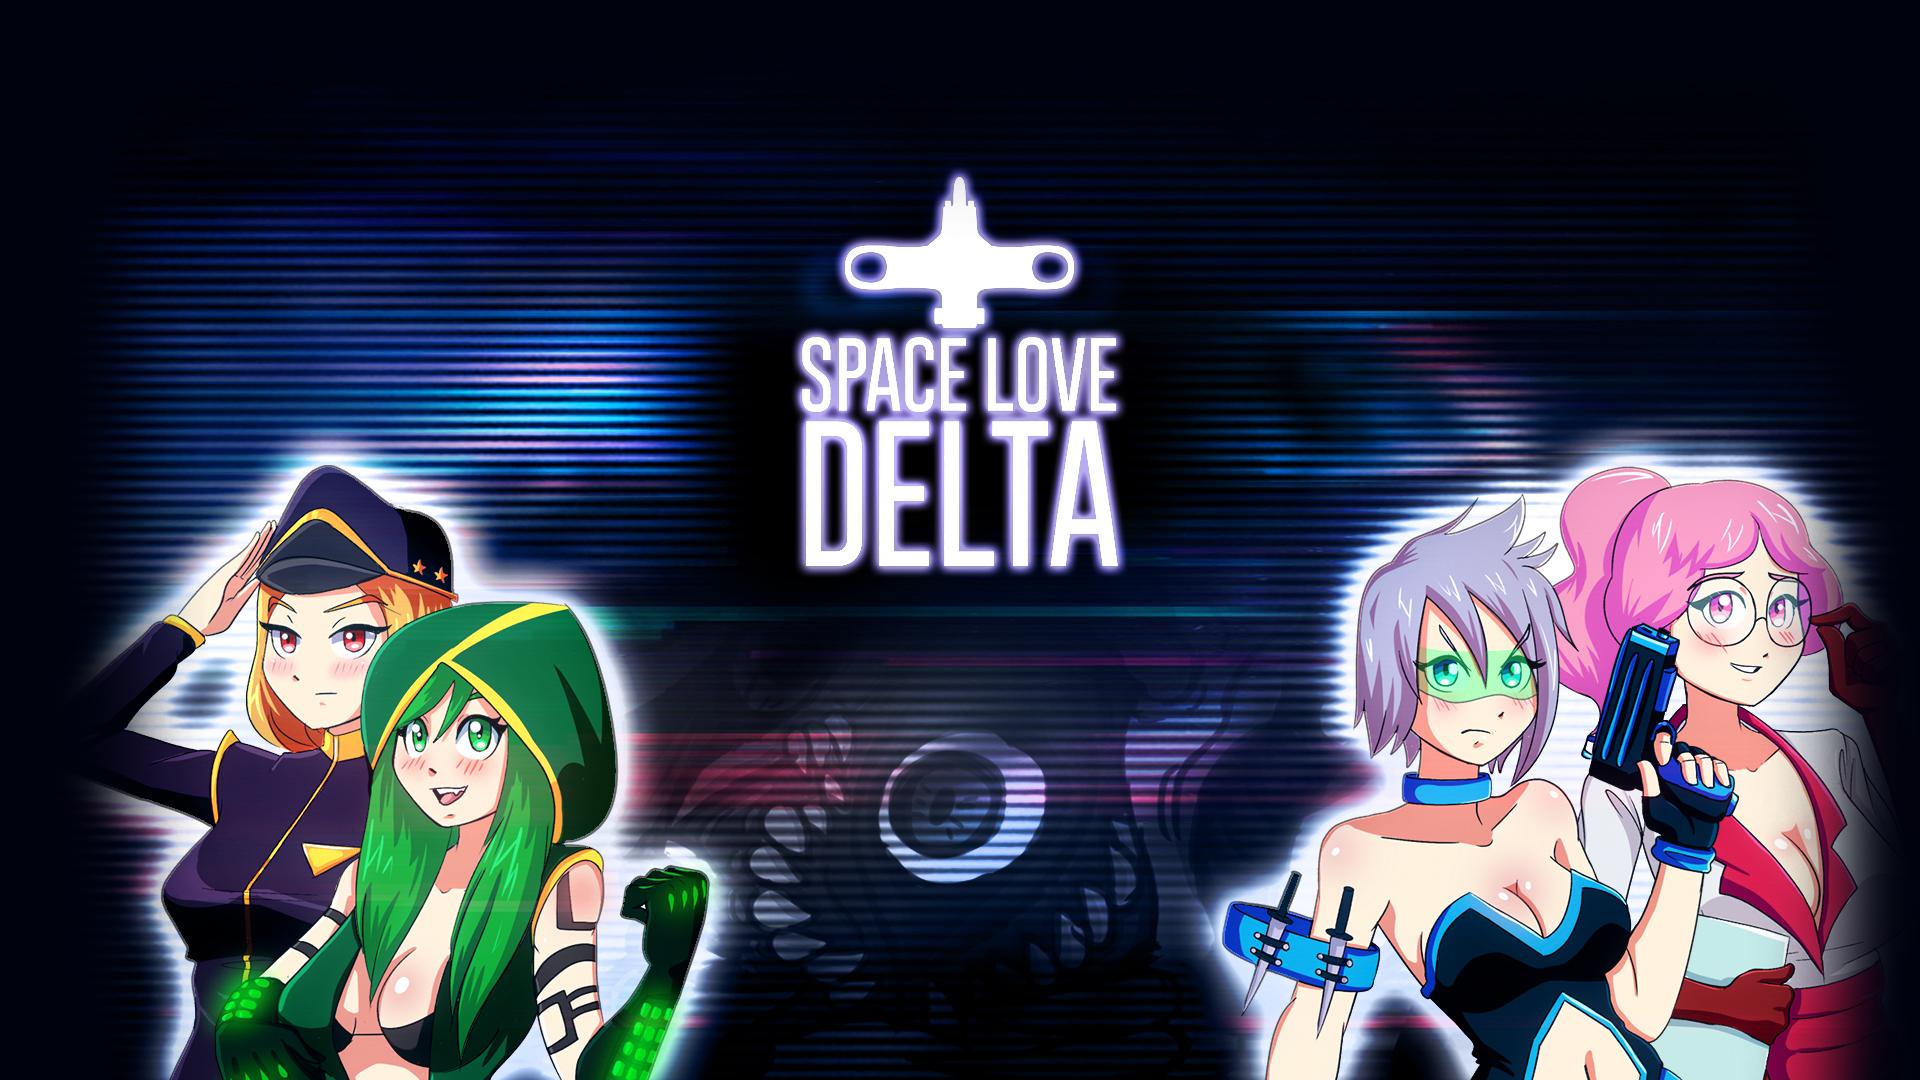 Space Love Delta